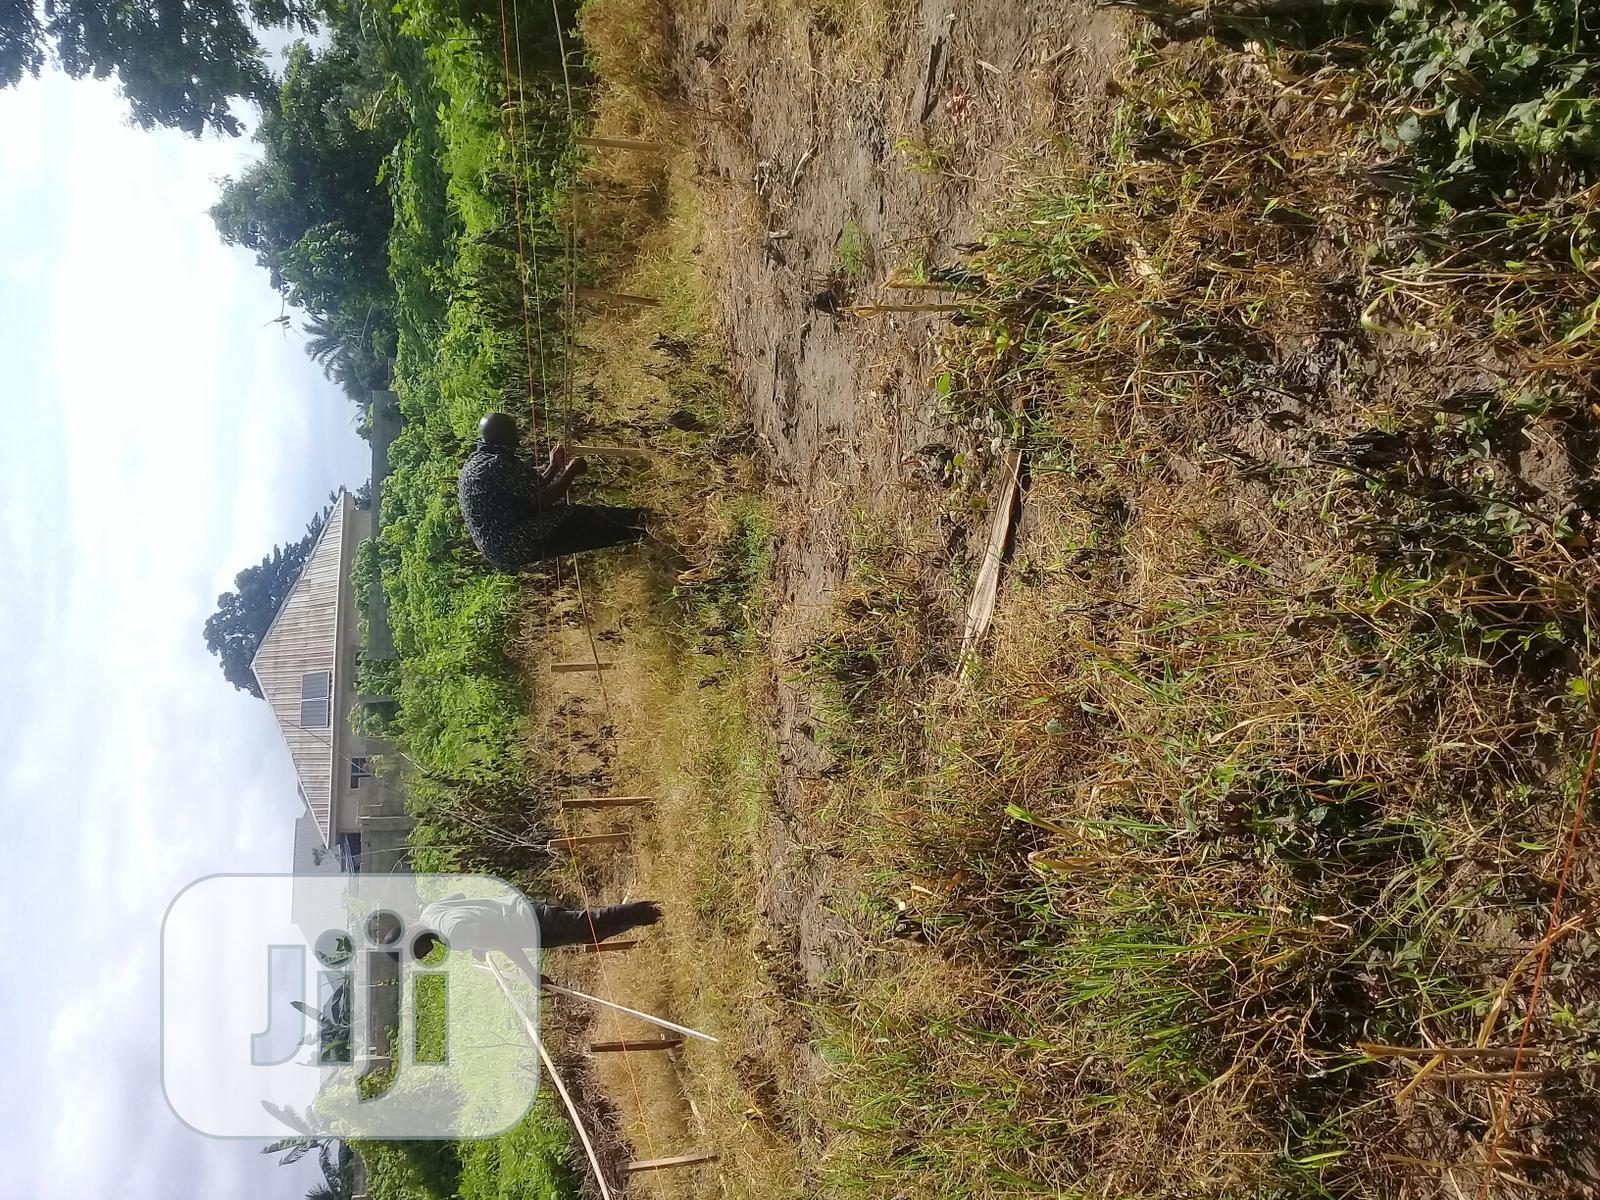 2 and Half Plots of Land for Sale at Alagbaka GRA Akure